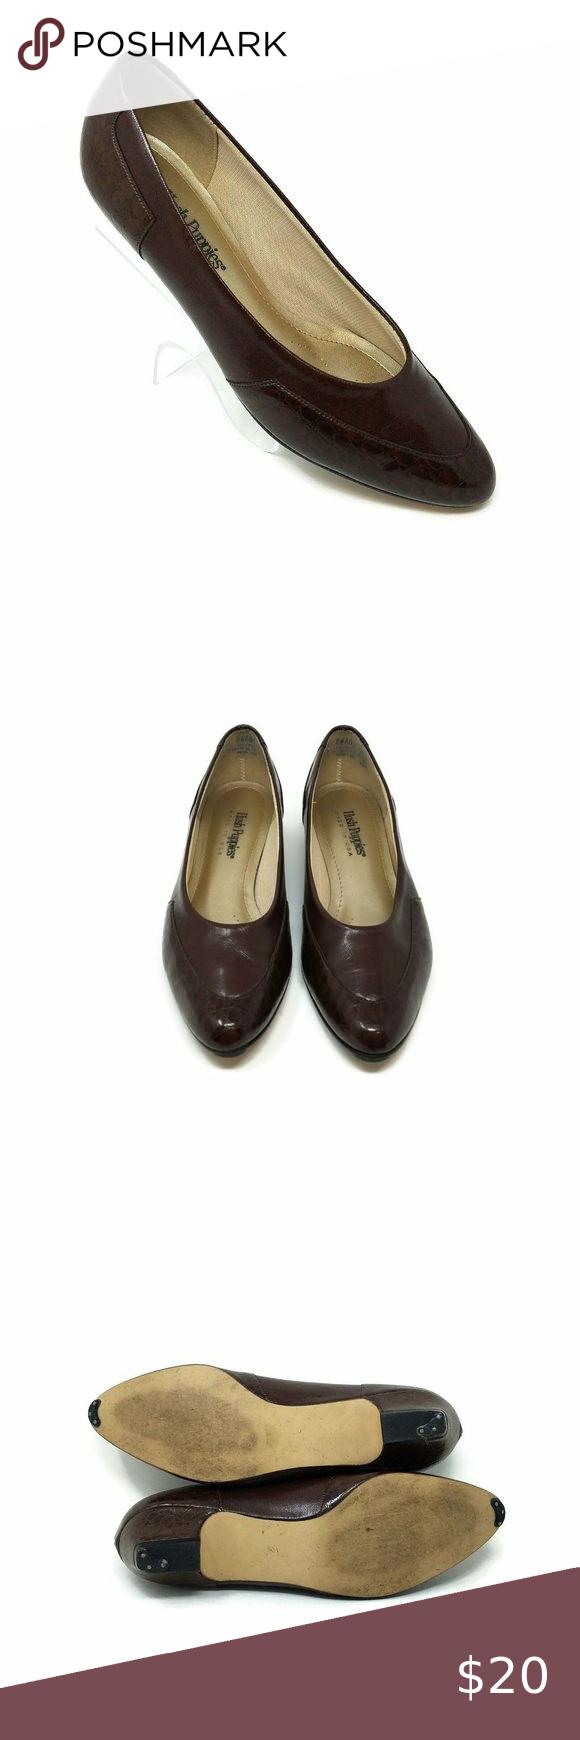 Hush Puppies Brown Faux Croc Embossed Low Heel Sli In 2020 Shoes Women Heels Low Heels Heels